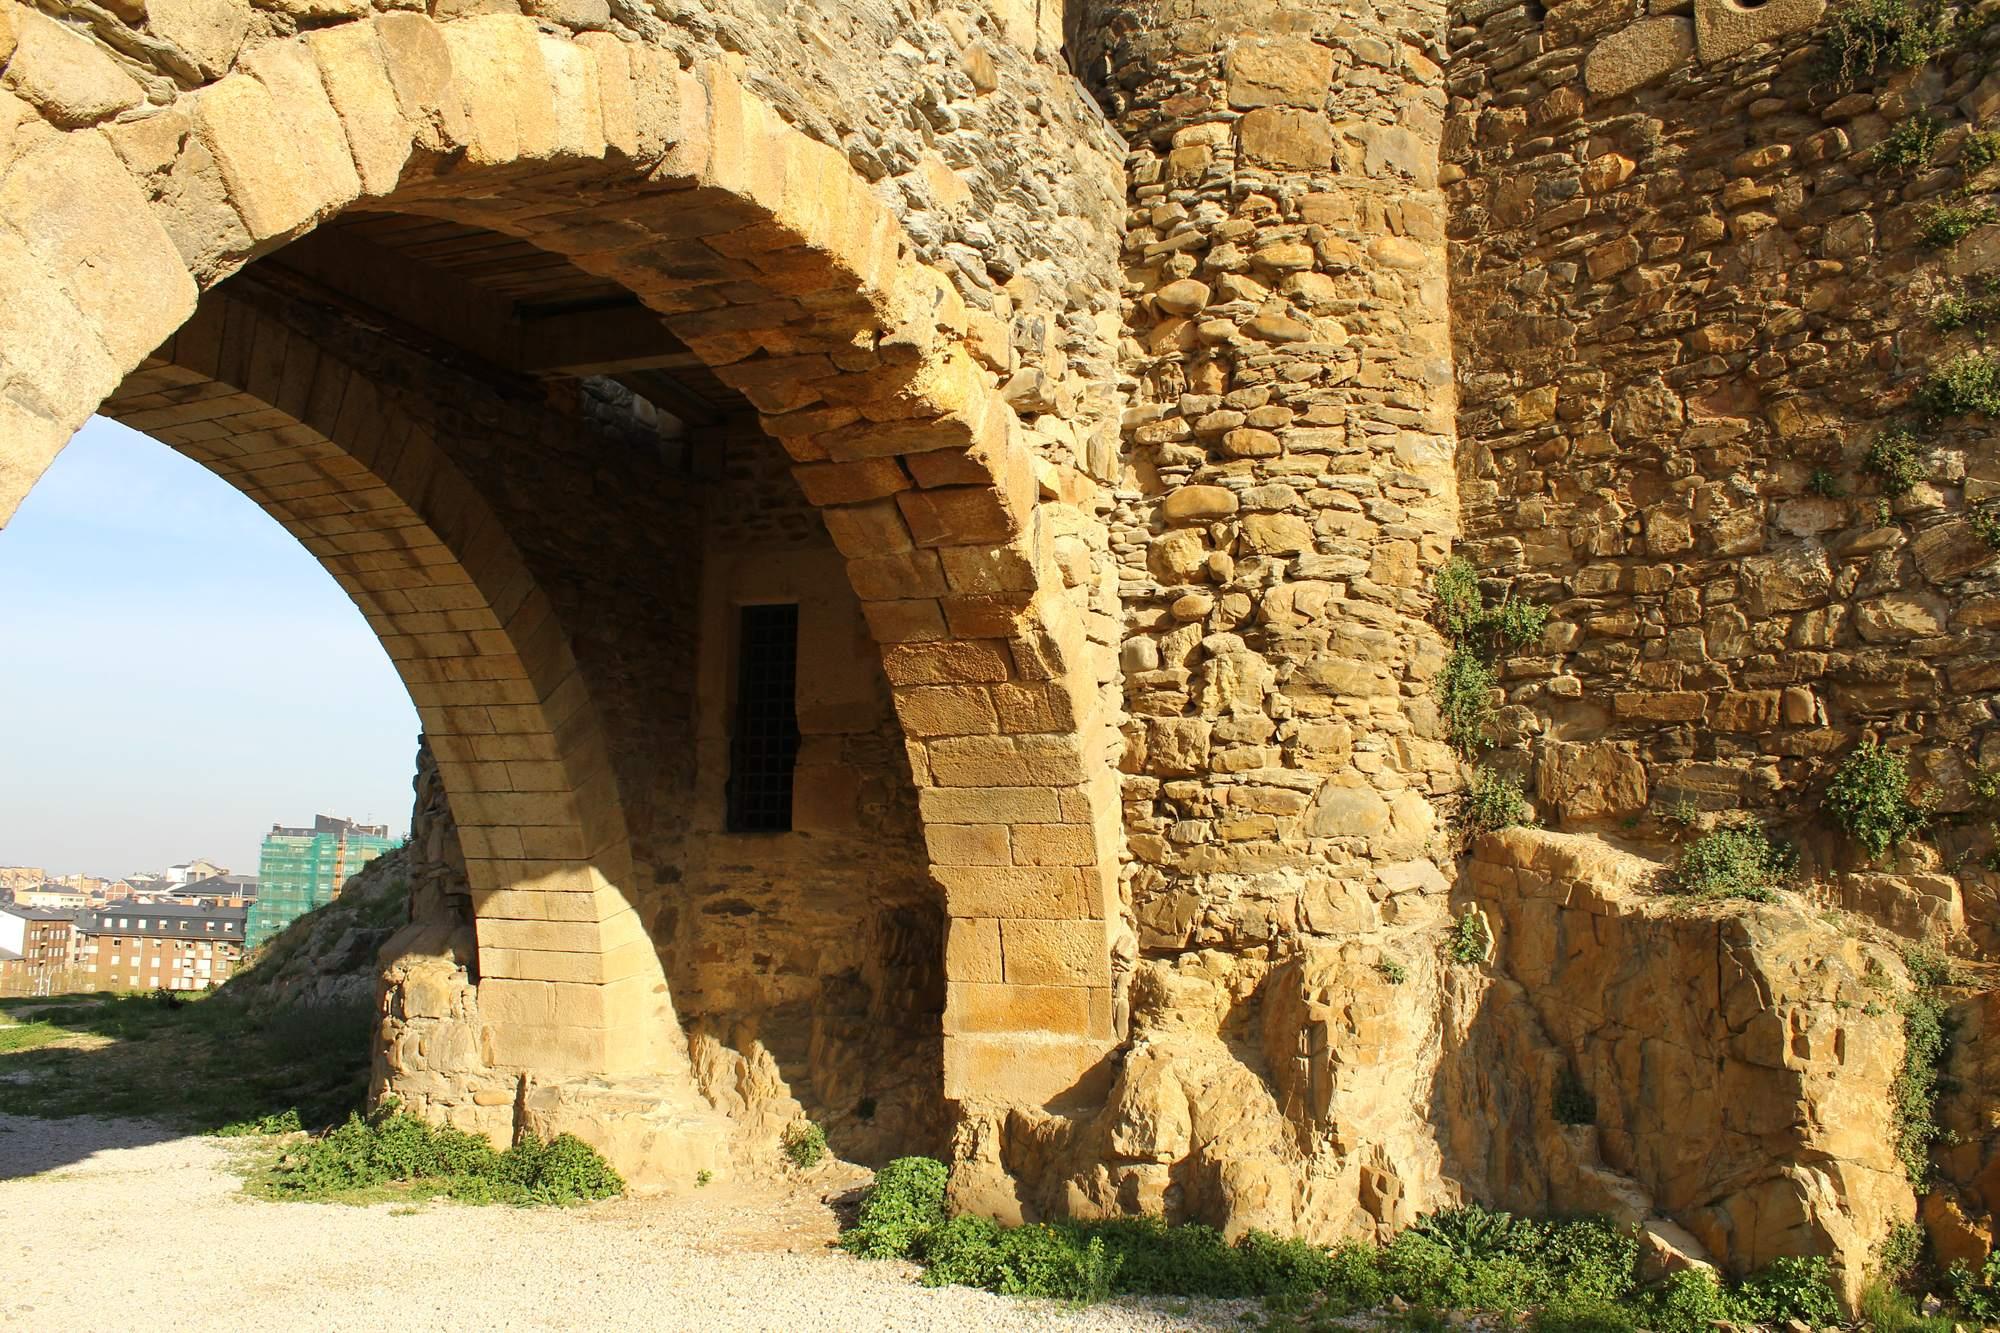 castle ponferrada7 Templar Castle of Ponferrada, Spain